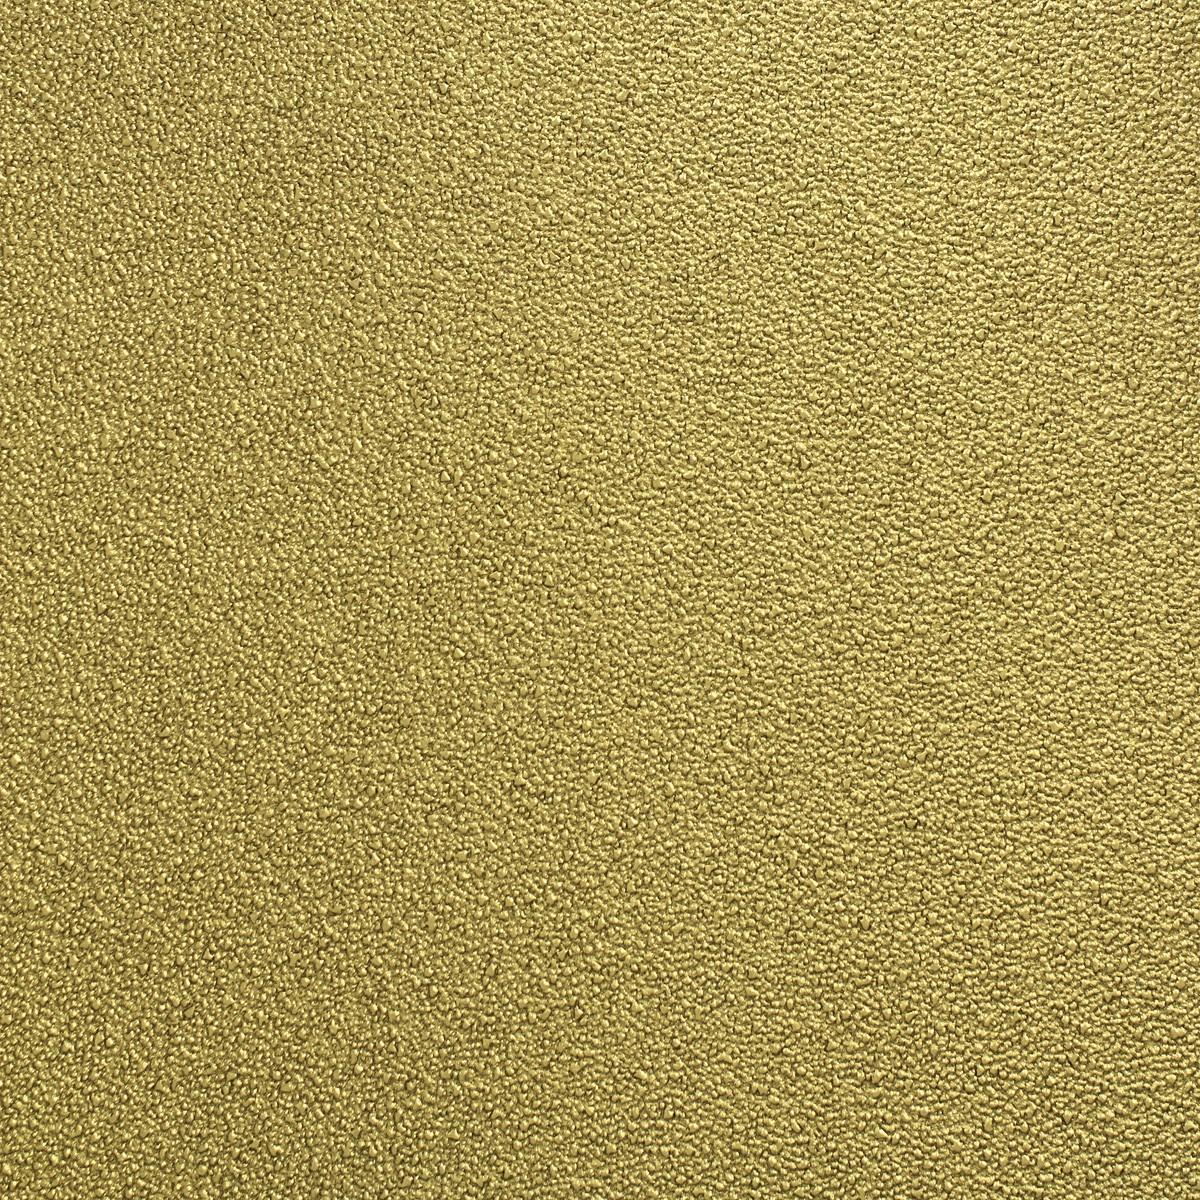 harald gl ckler tapeten gold uni struktur 52570 design. Black Bedroom Furniture Sets. Home Design Ideas